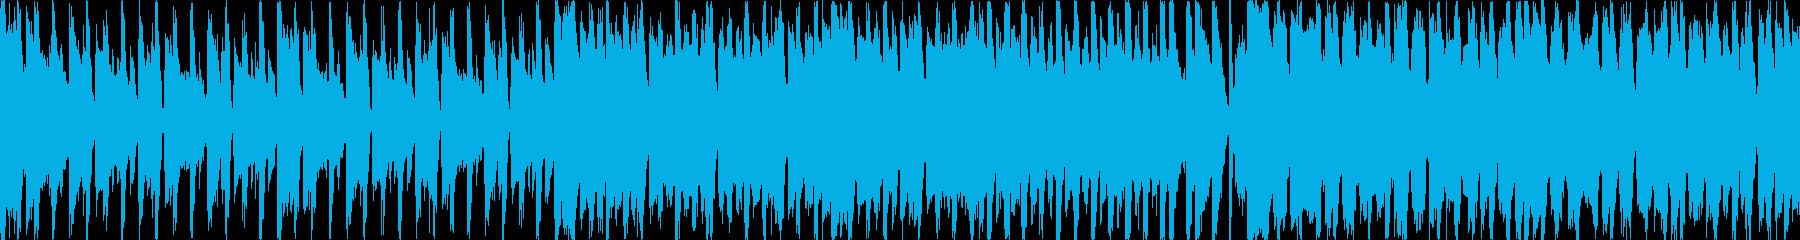 歌物っぽいノリ良い四つ打ちポップスの再生済みの波形